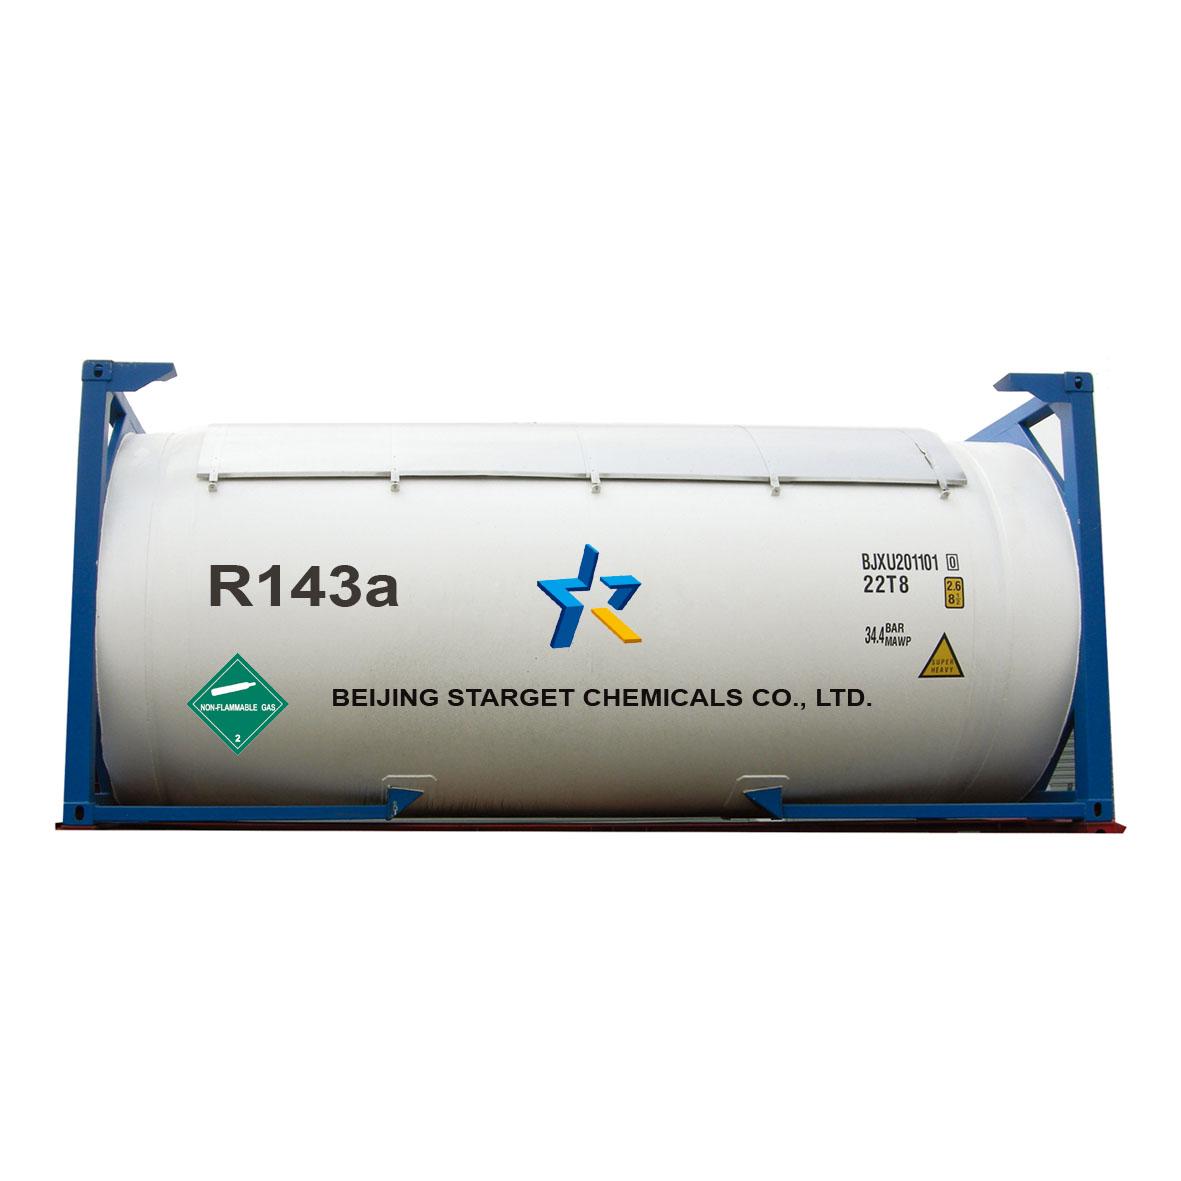 Refrigerant R143a